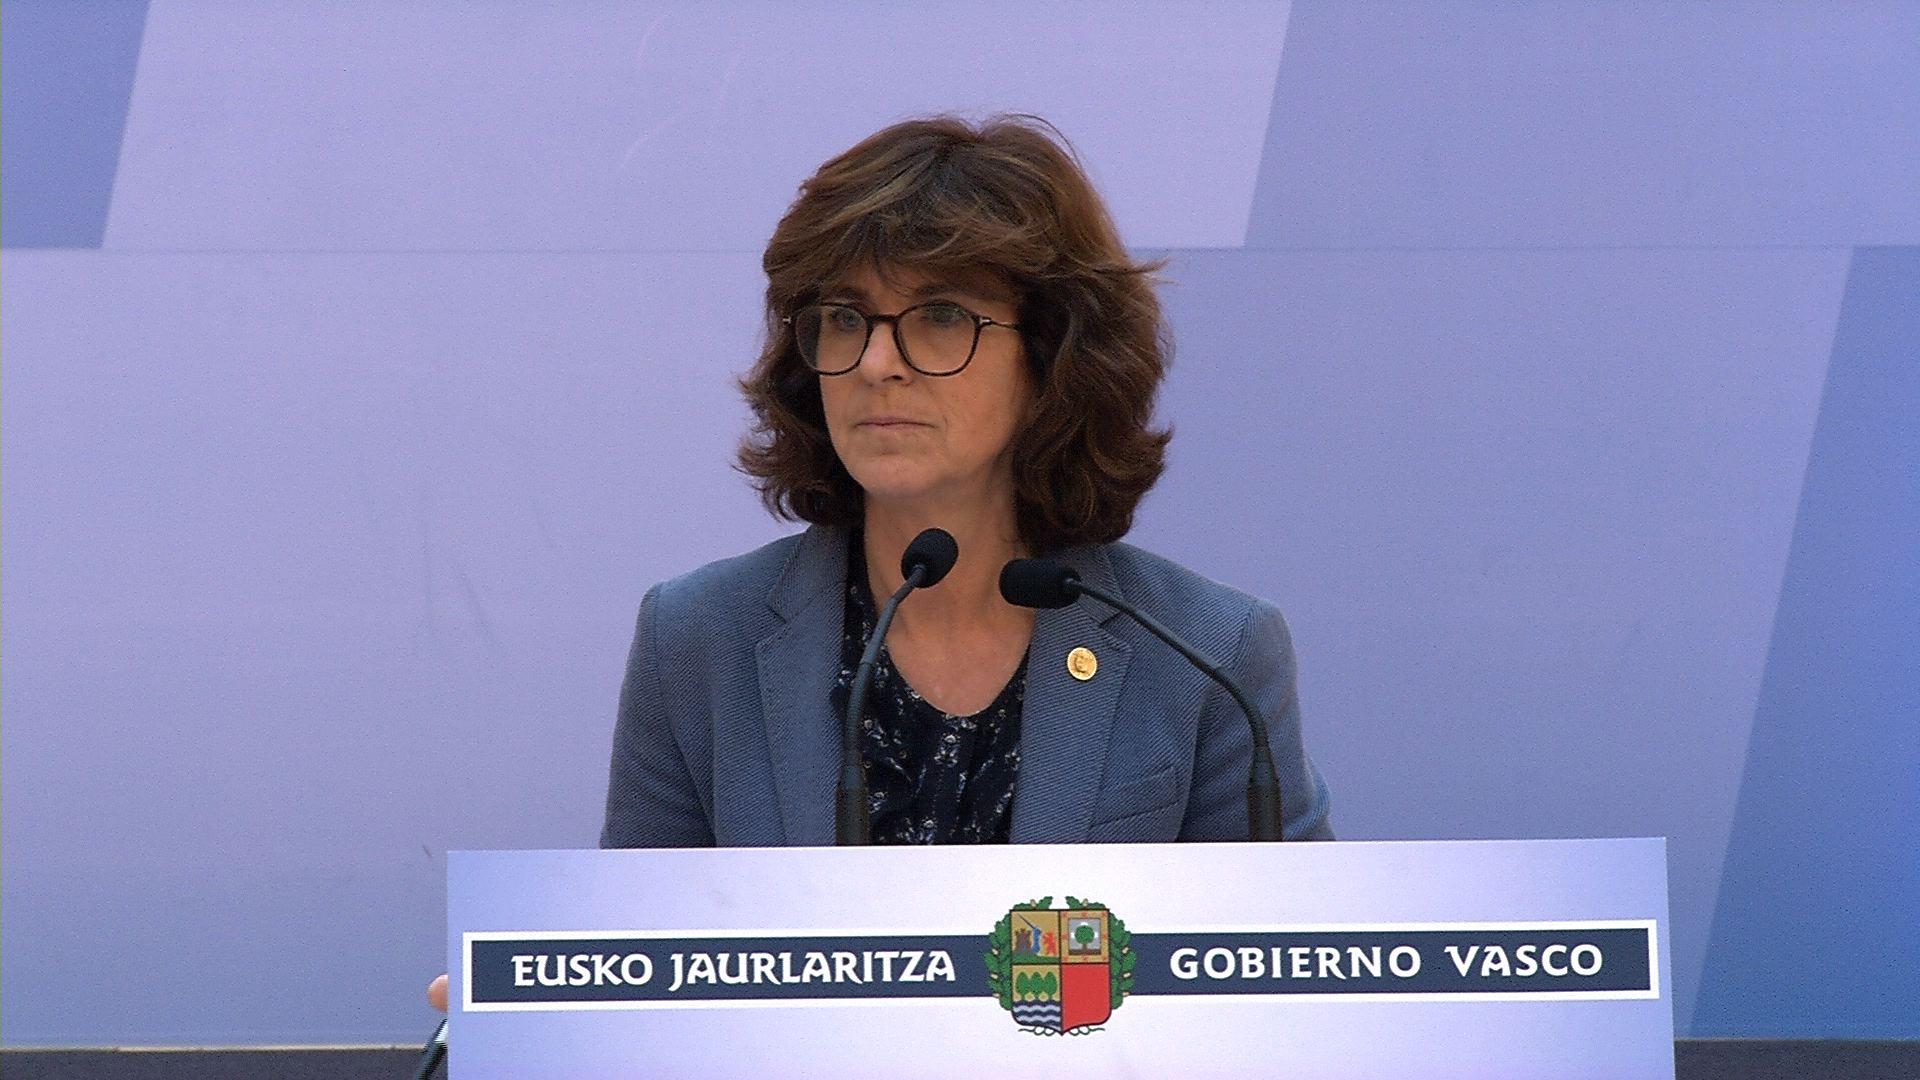 El Gobierno Vasco refuerza las medidas para contener la expansión del coronavirus con la suspensión temporal de la actividad docente presencial en los centros educativos de Araba y de Balmaseda